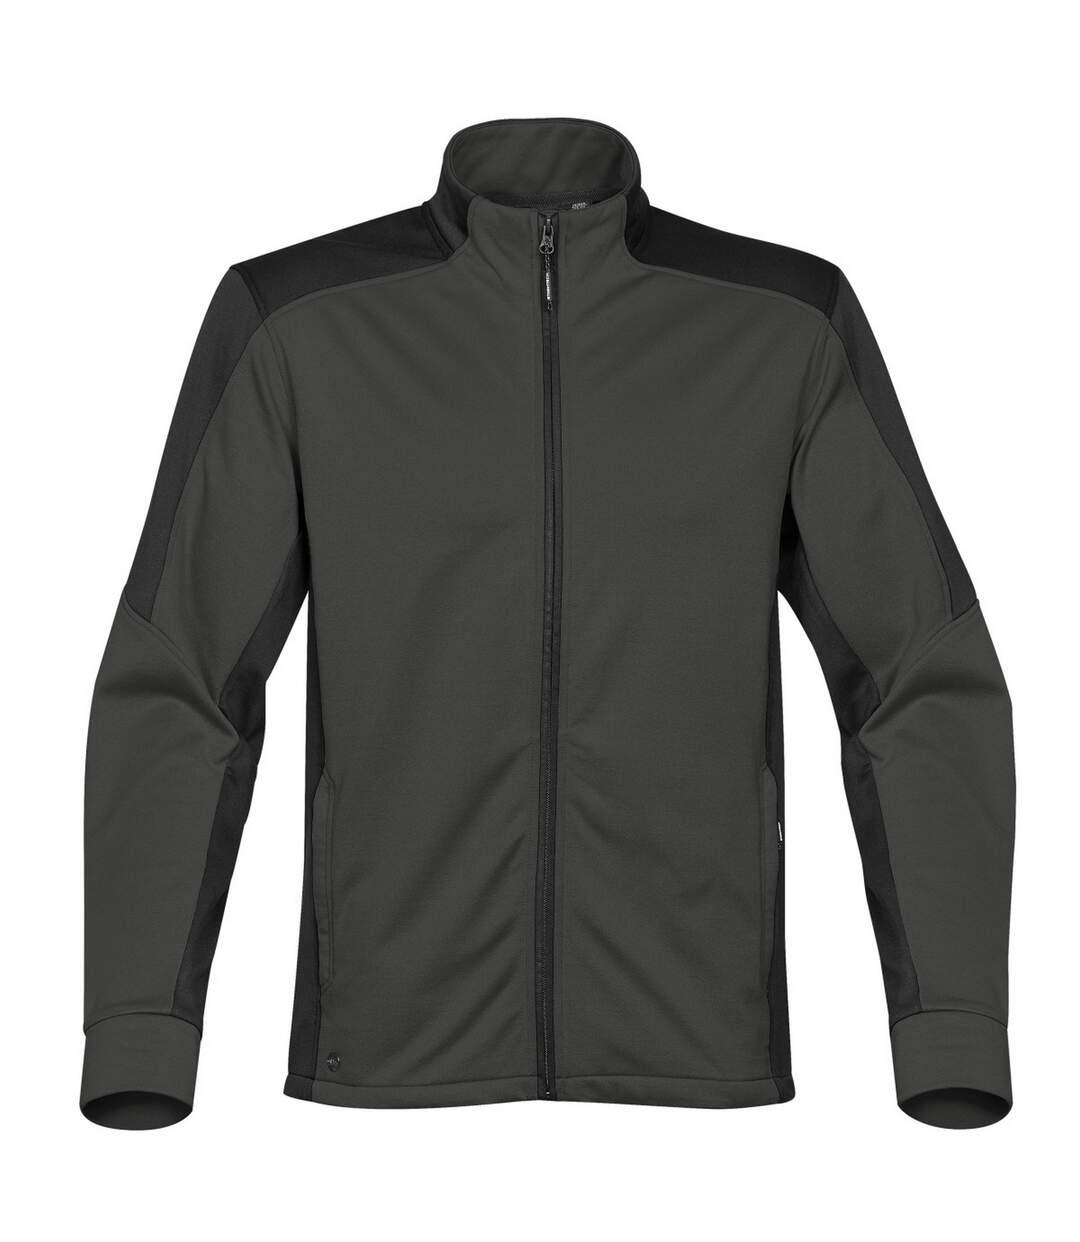 Stormtech Mens Chakra Fleece Jacket (Carbon/Black) - UTBC3880